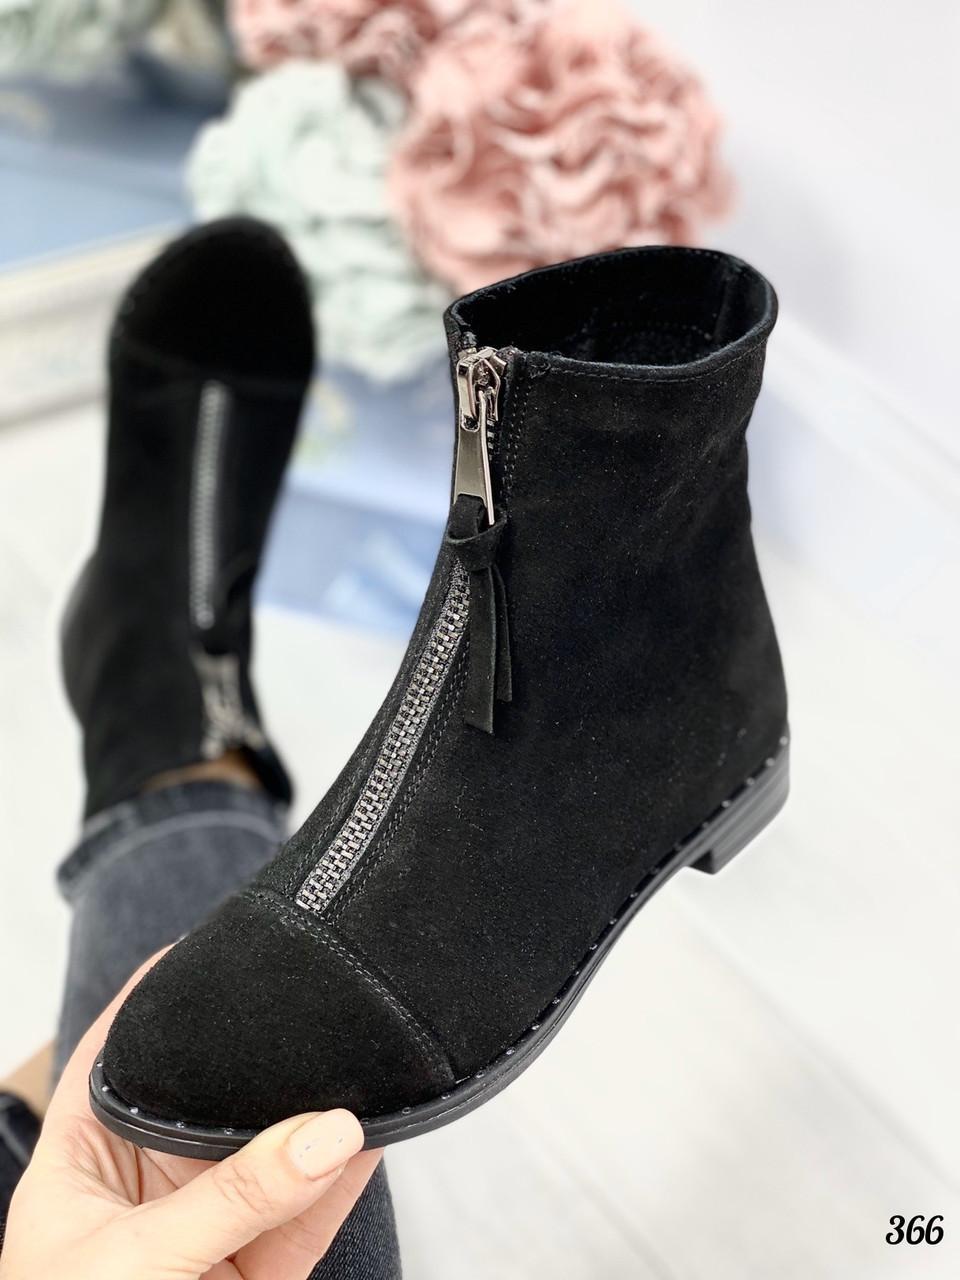 39 р. Ботинки женские деми черные замшевые на низком ходу,демисезонные,из натуральной замши,натуральная замша